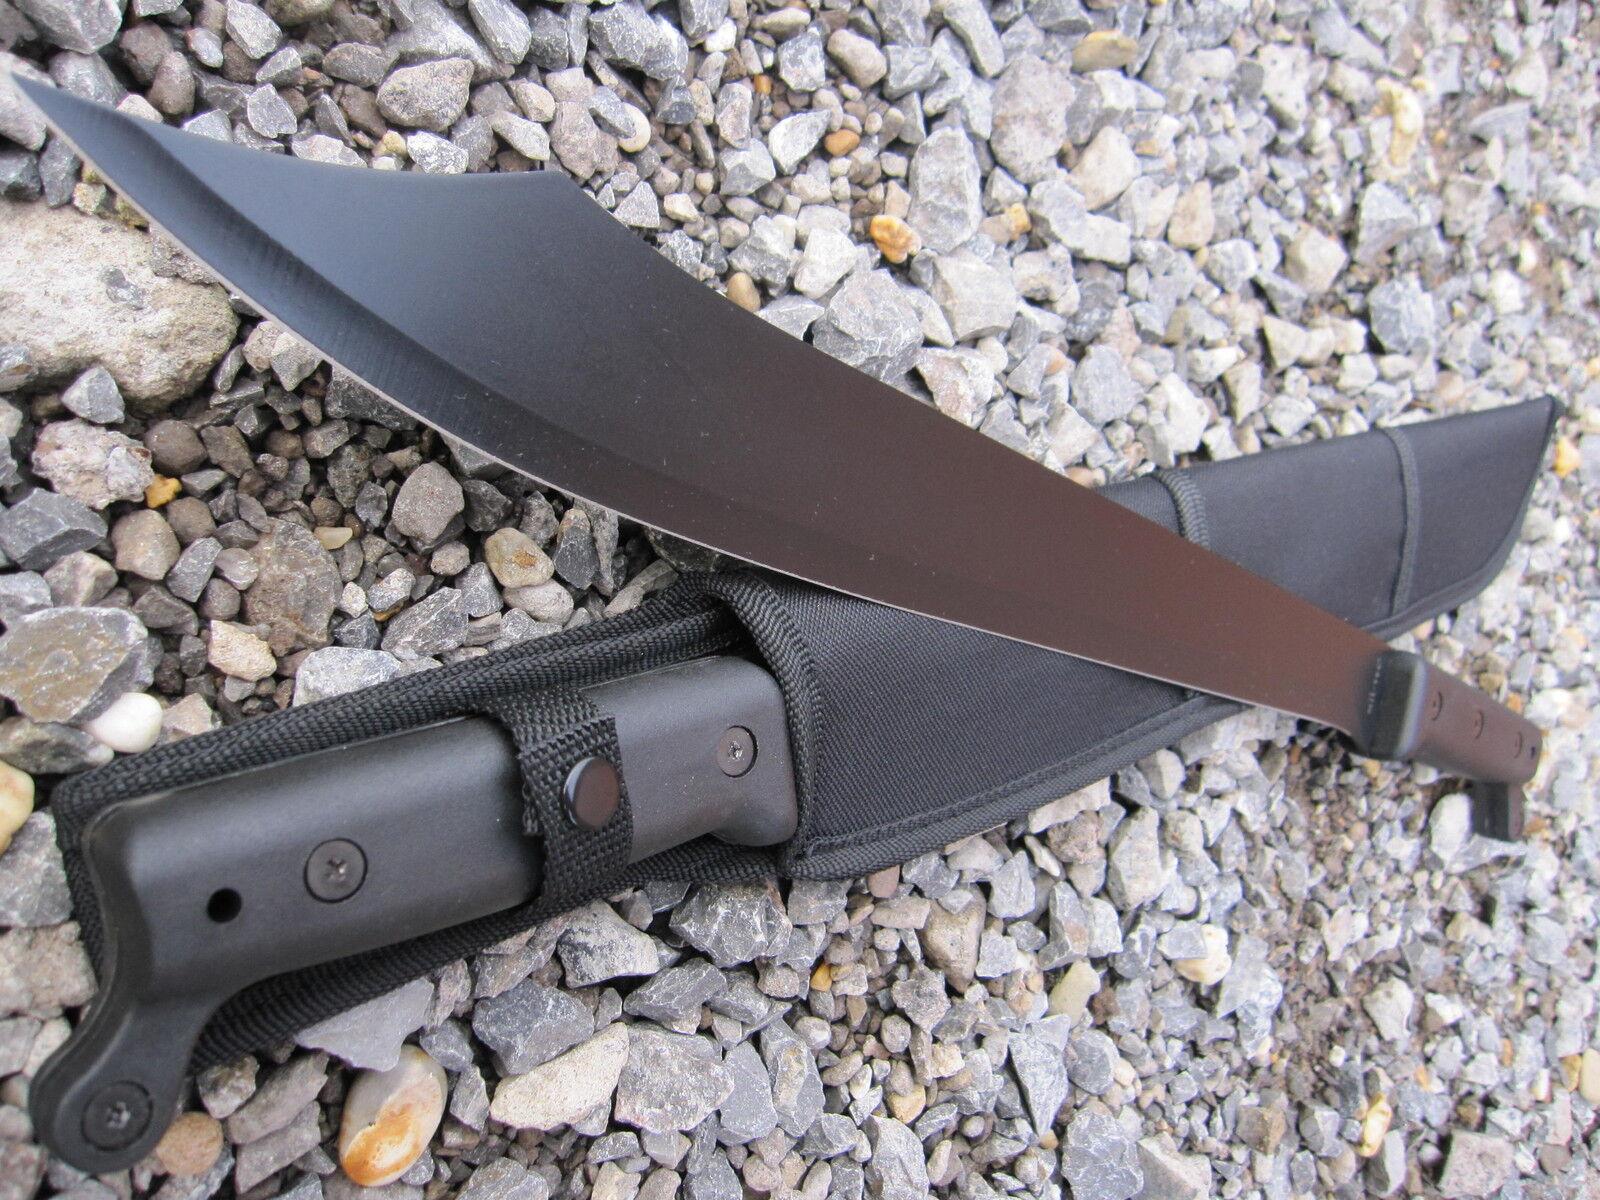 Schwarze MACHETE Beil Survival AXT 40,5cm KLINGE Messer Camping Buschmesser